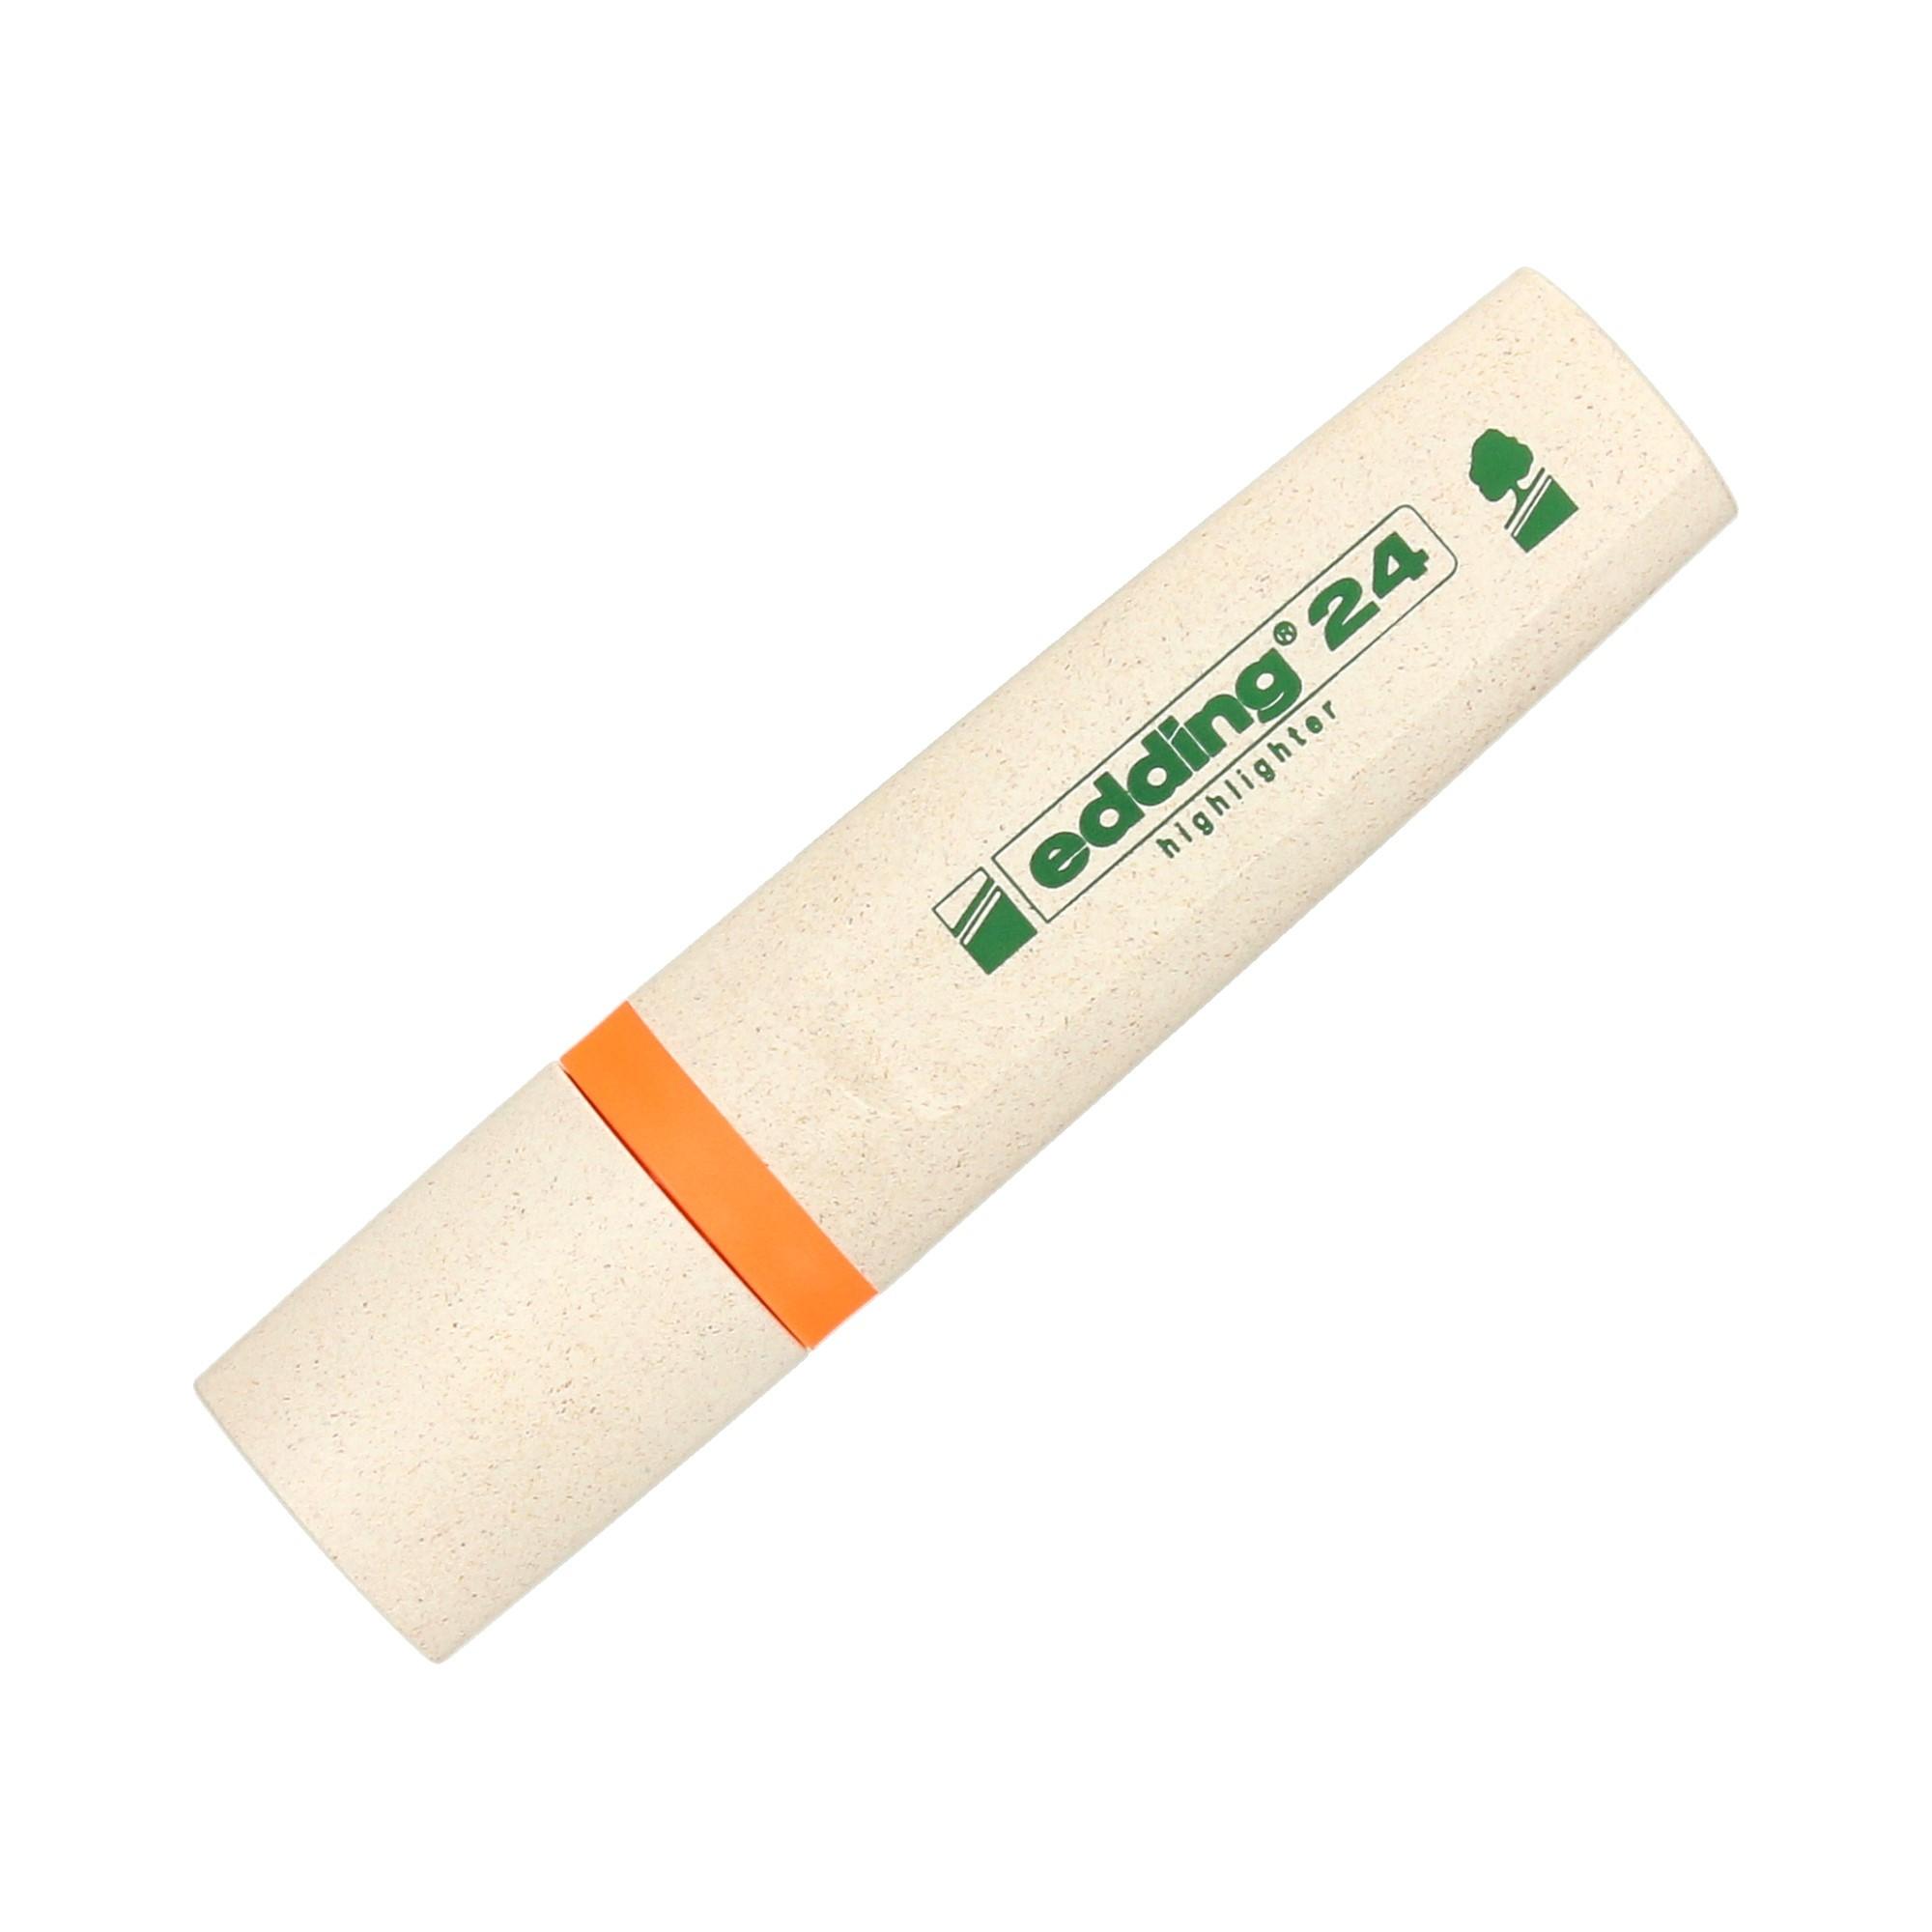 Zakreślacz pomarańczowy Edding 24 EcoLine